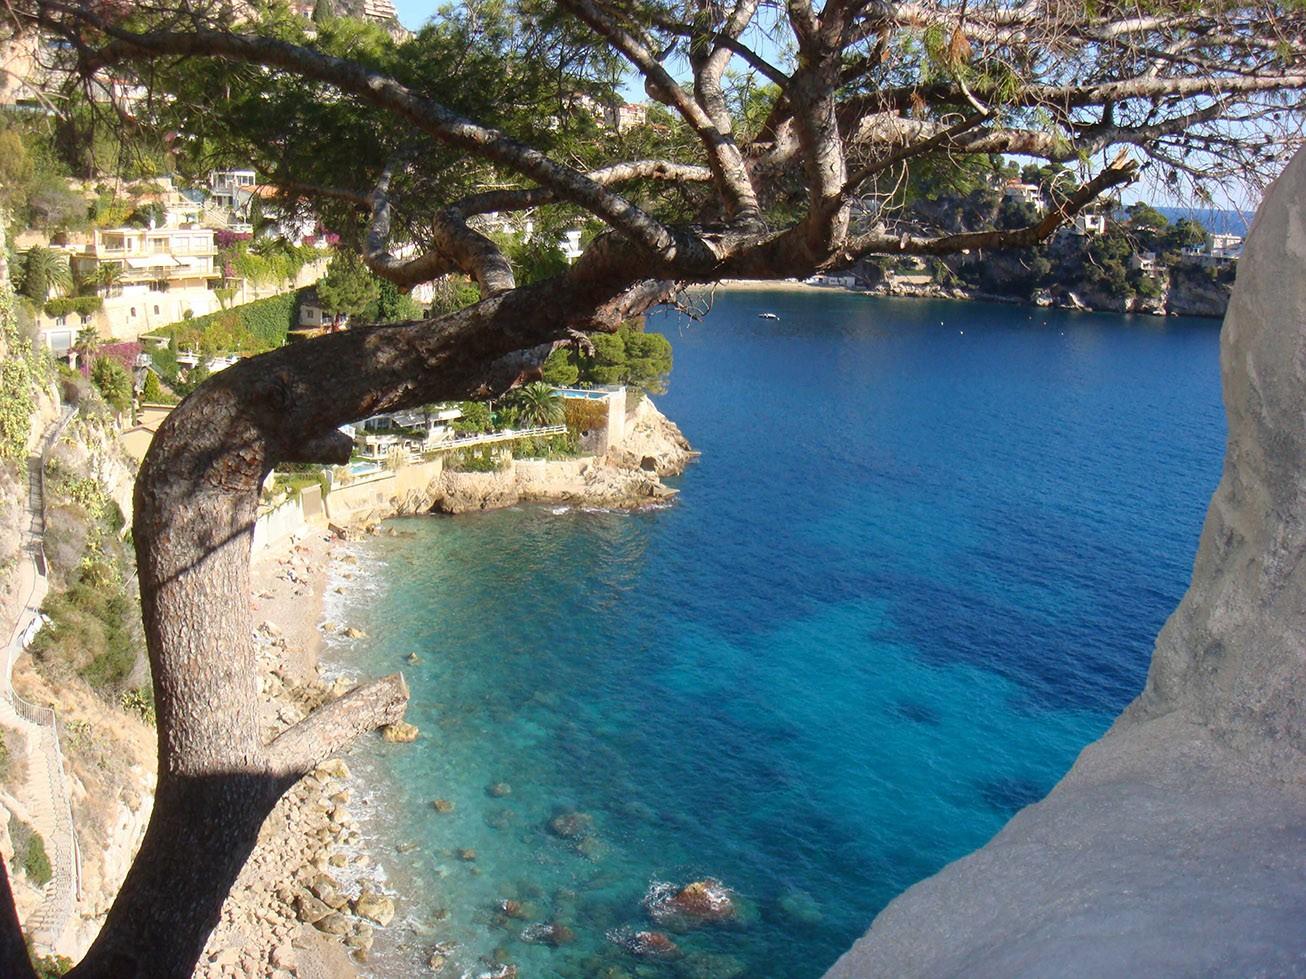 Vertically above the sea - Gardens